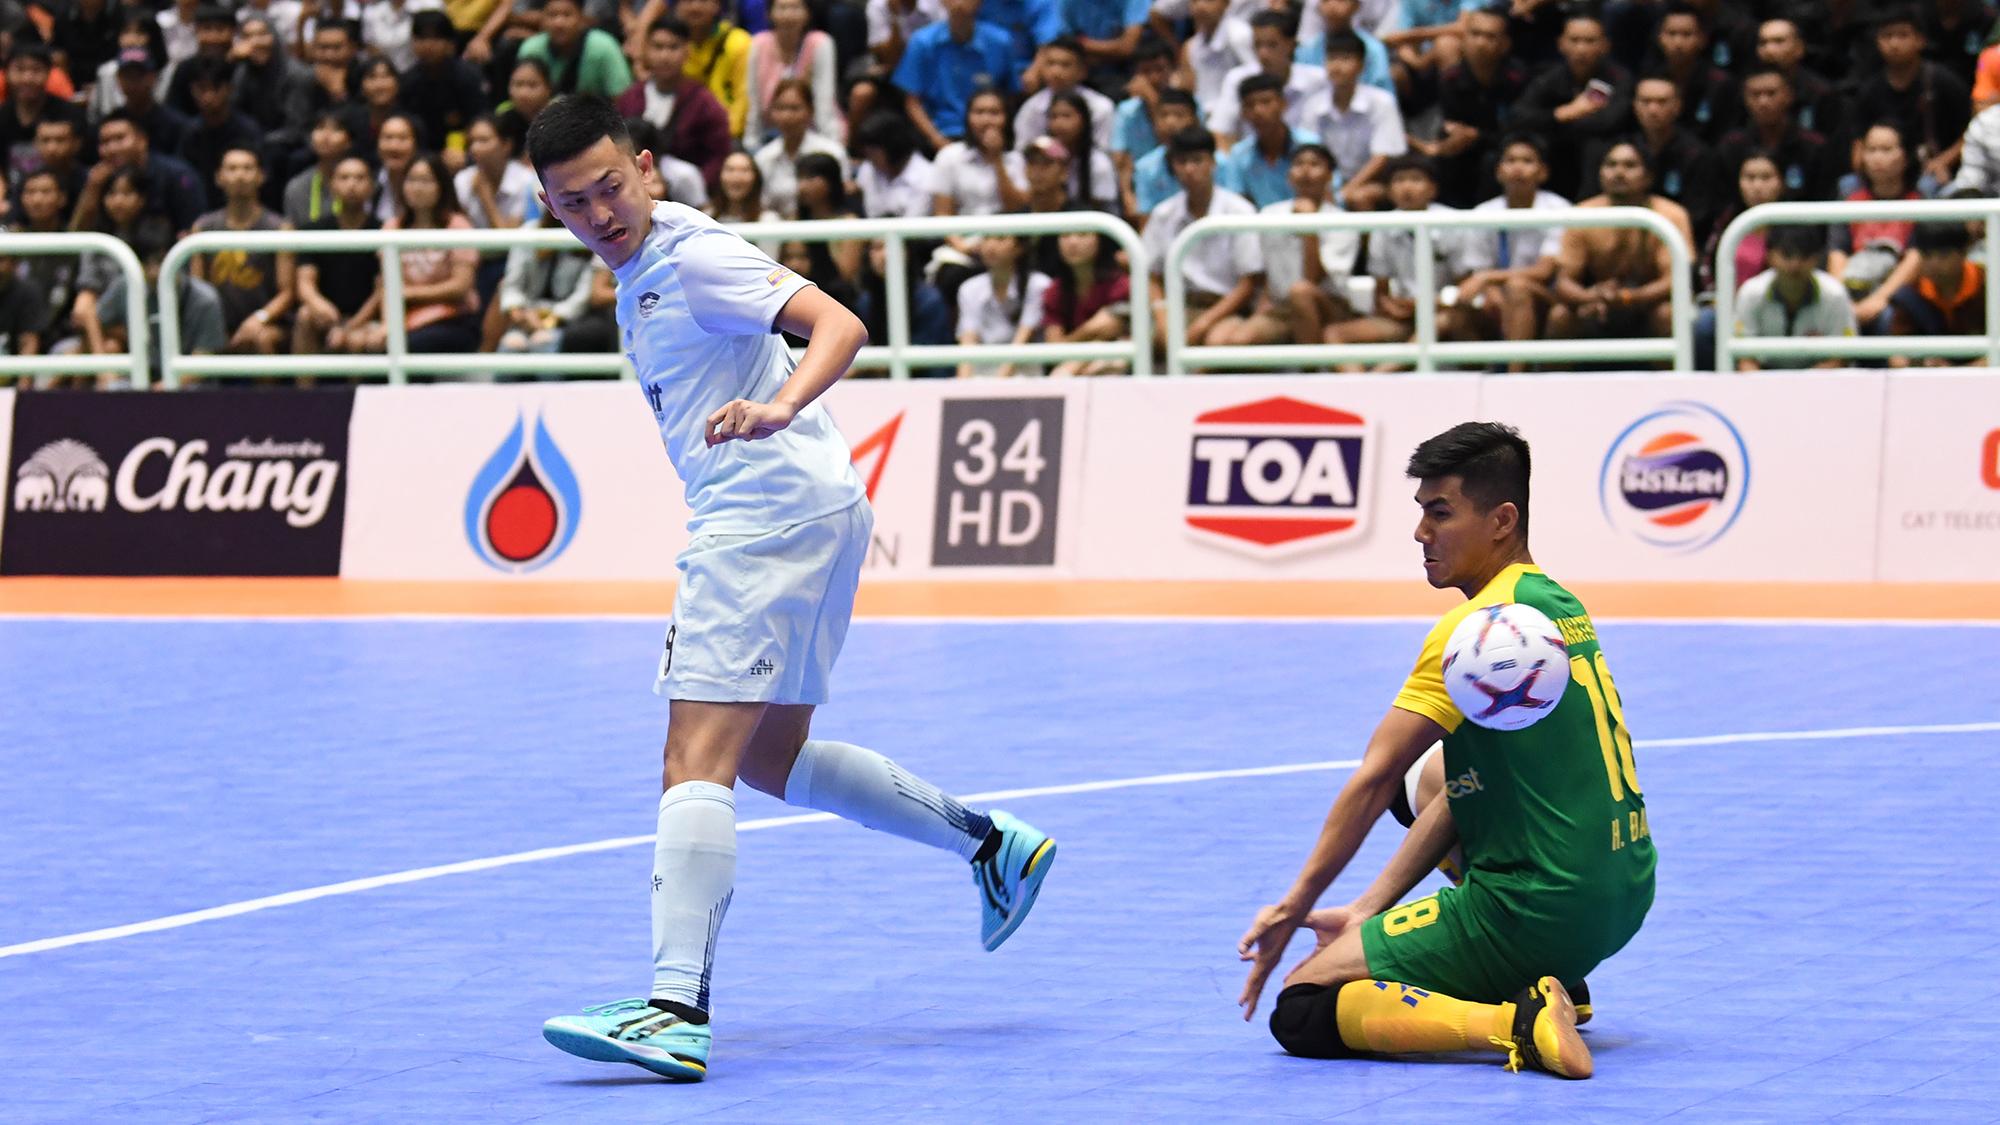 AFF FUTSAL CUP 2019 ซานนาเทค คานหัว พีทีที บลูเวฟ ชลบุรี